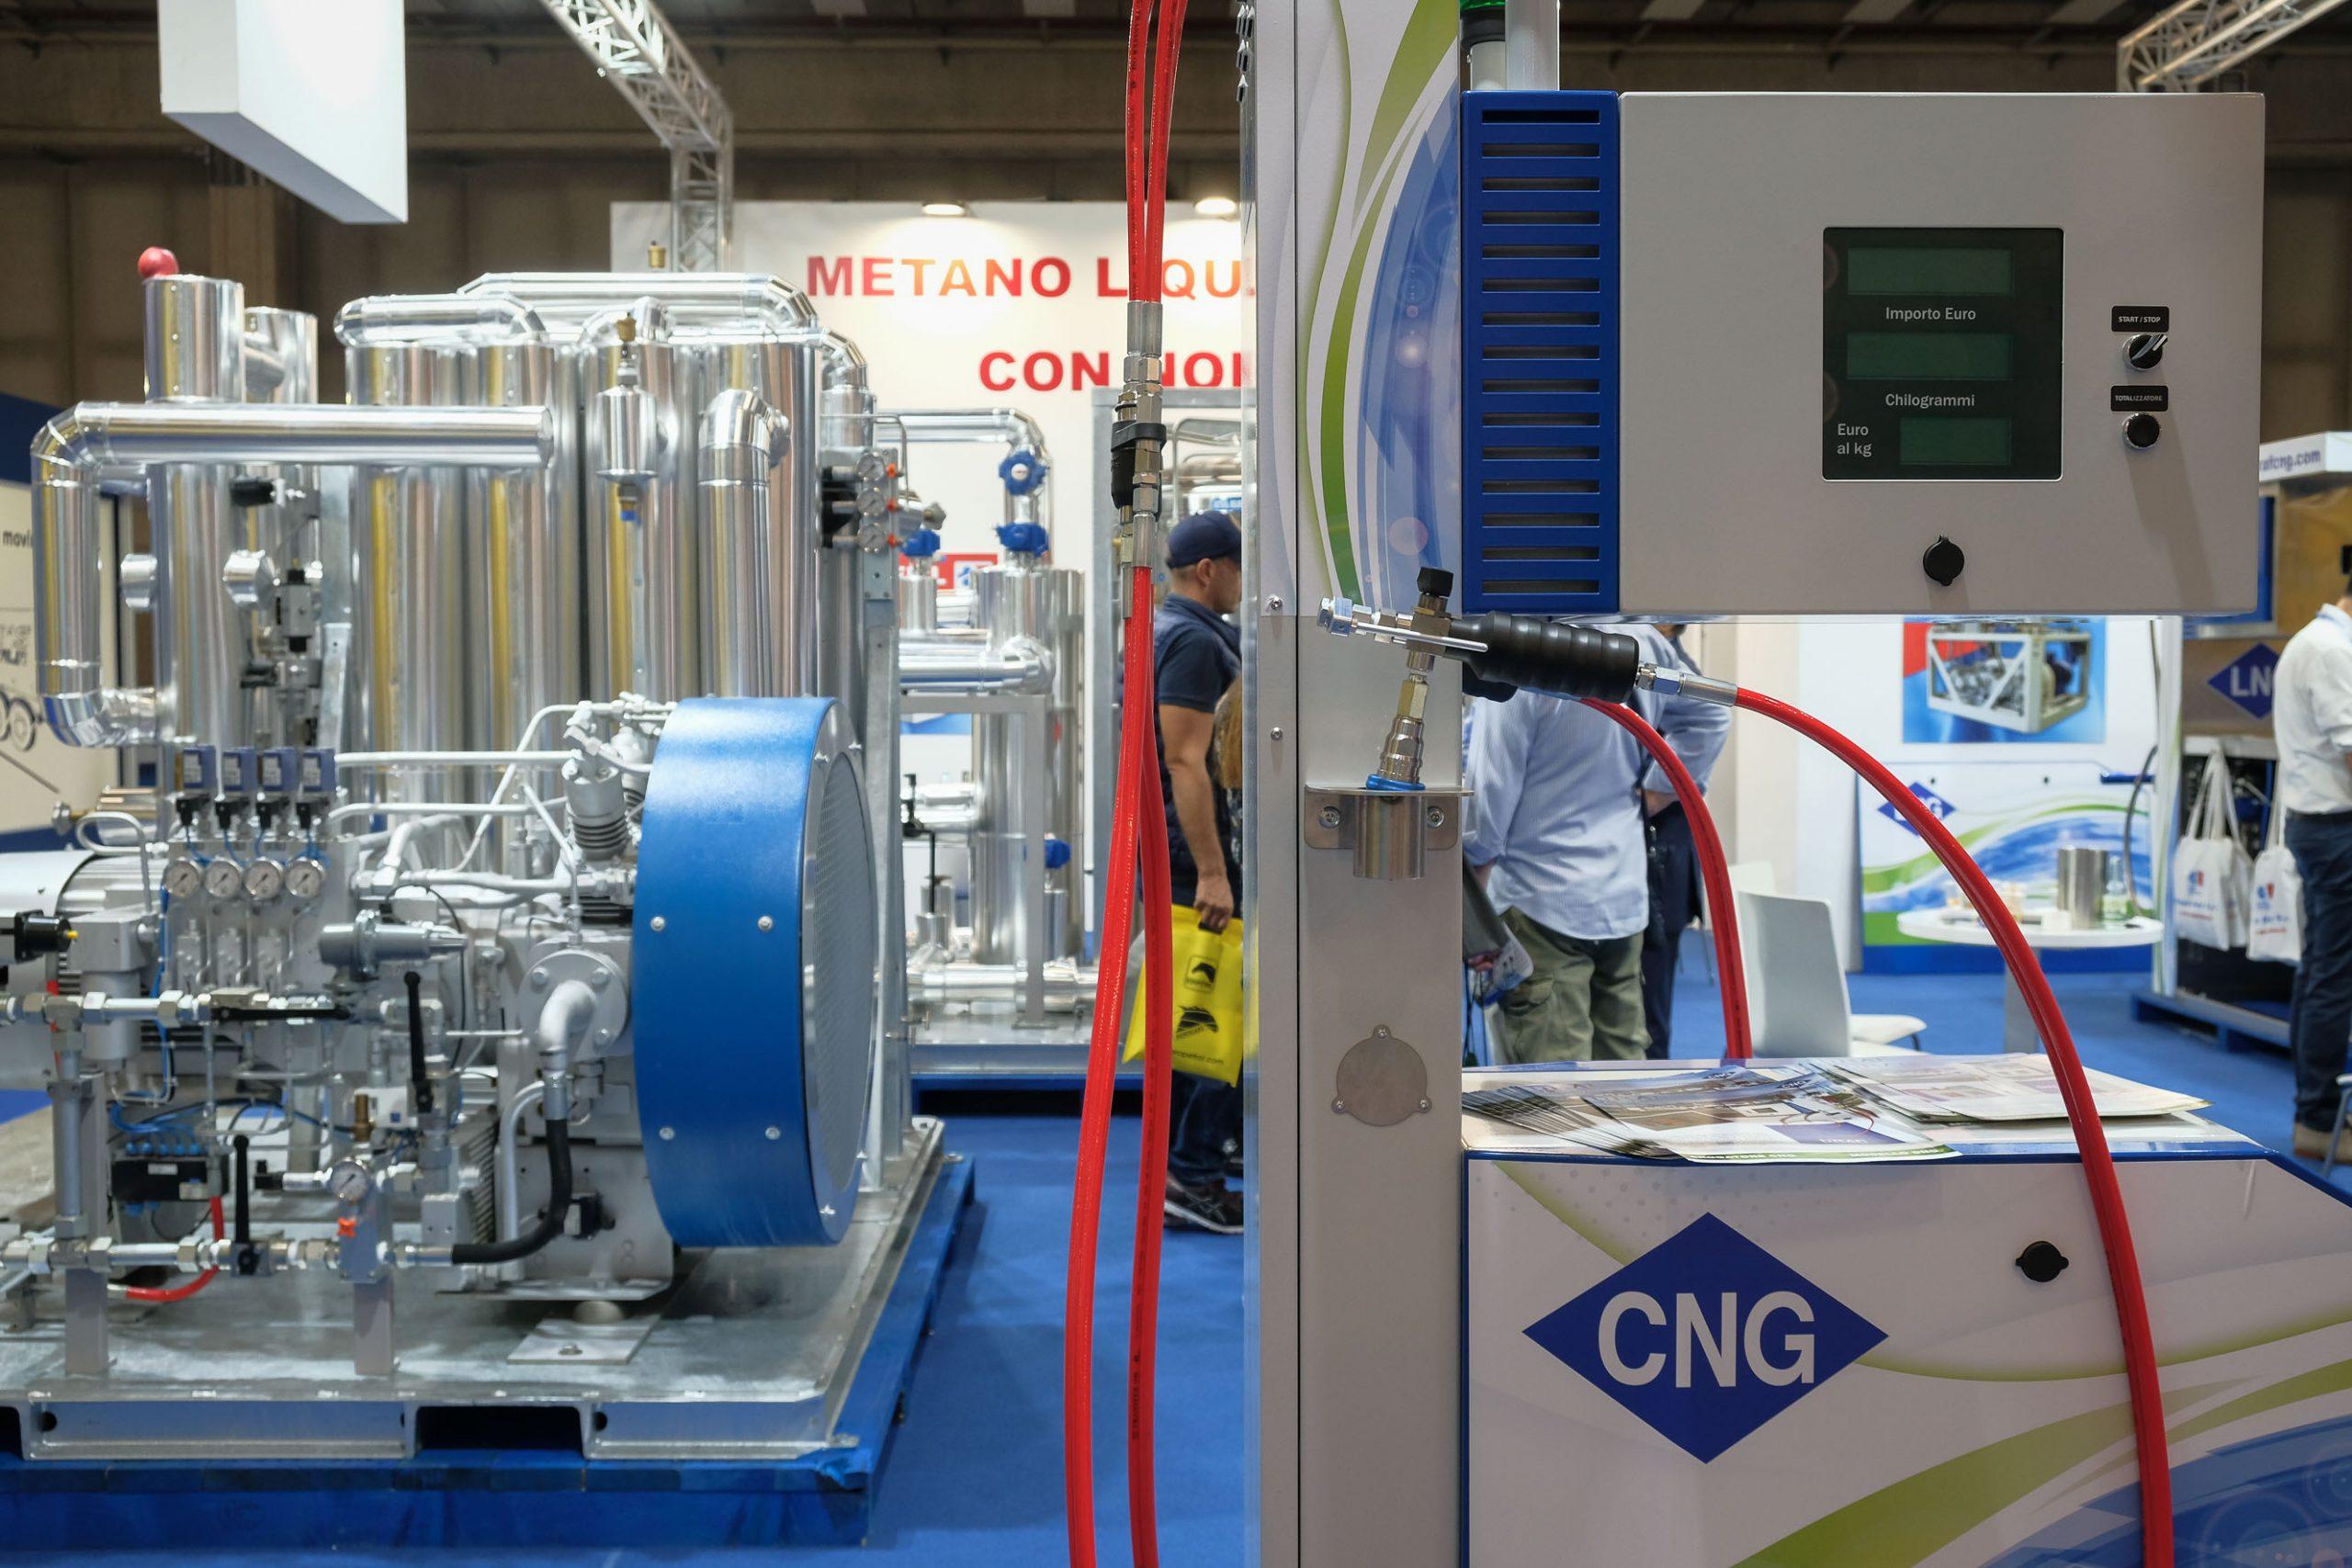 Oil&nonOil, da domani a Veronafiere il salone dedicato a energie, carburanti e servizi per la mobilità